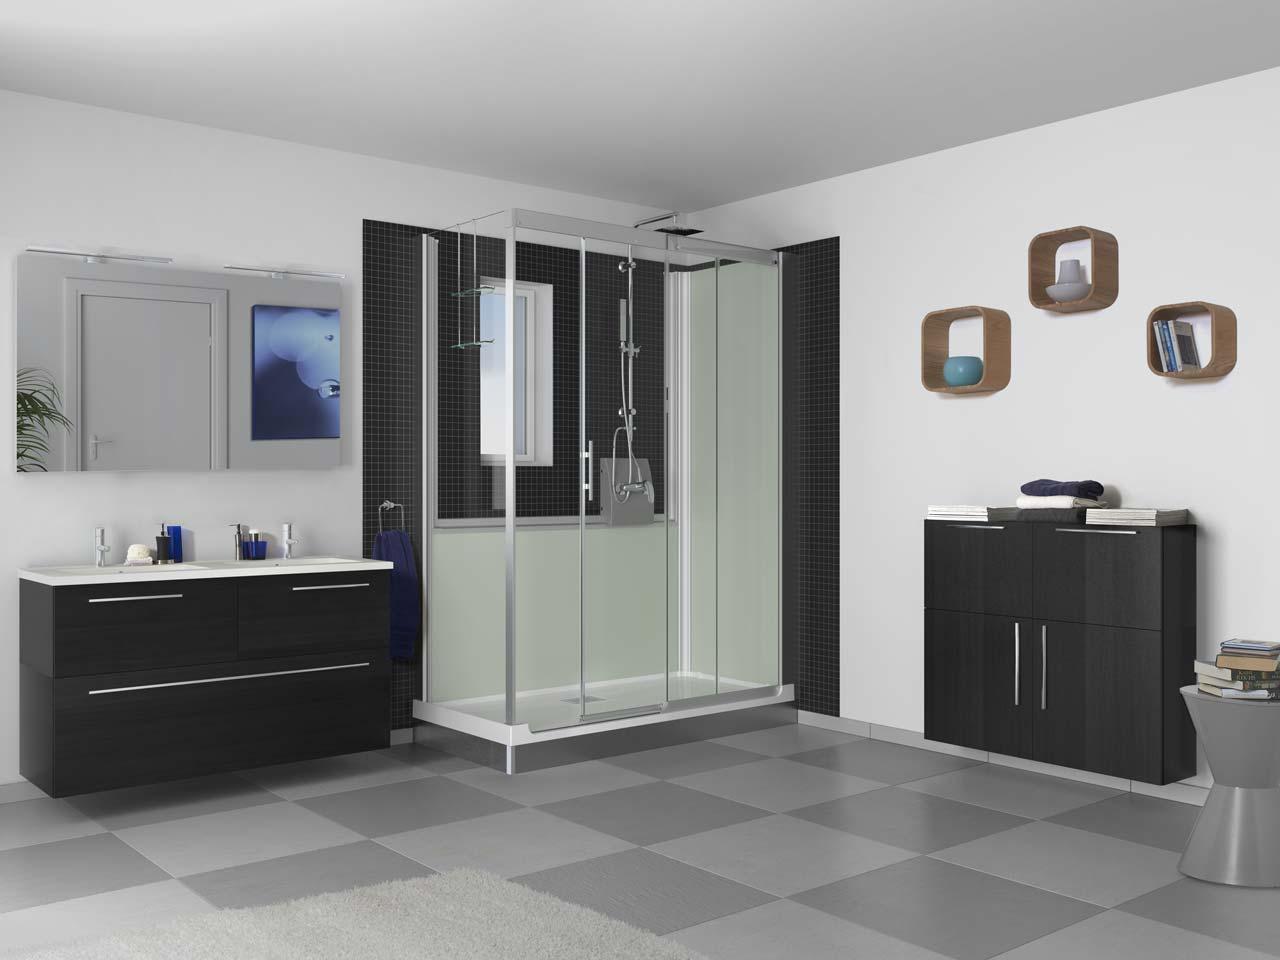 duschwanne 90 x 80 superfla preis vergleich 2016. Black Bedroom Furniture Sets. Home Design Ideas